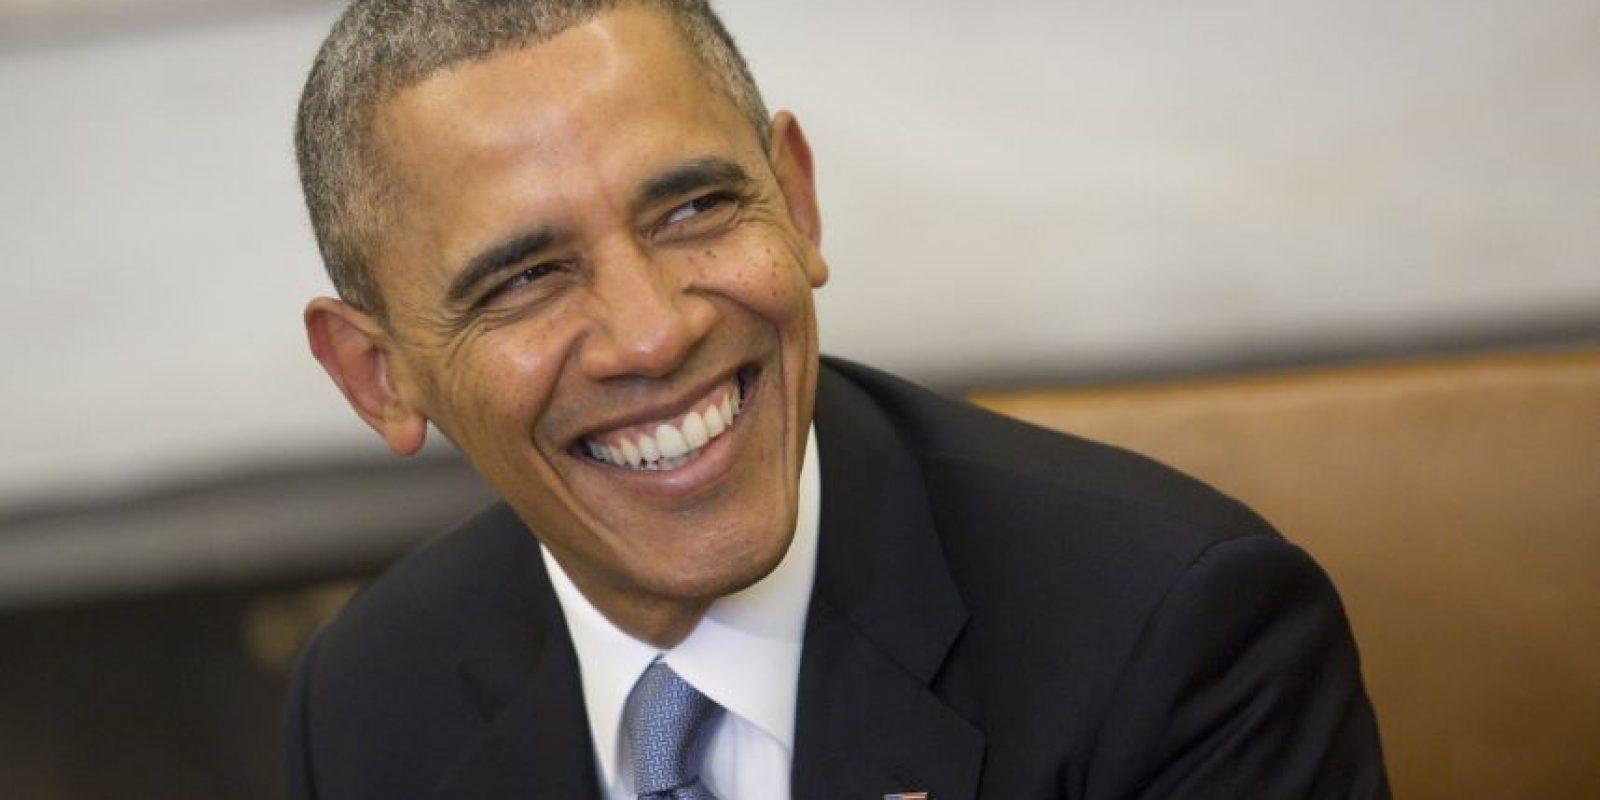 El 2 de julio en Wisconsin, el presidente Obama deseó un muy buen 4 de julio para todos los estadounidenses. Foto:Getty Images